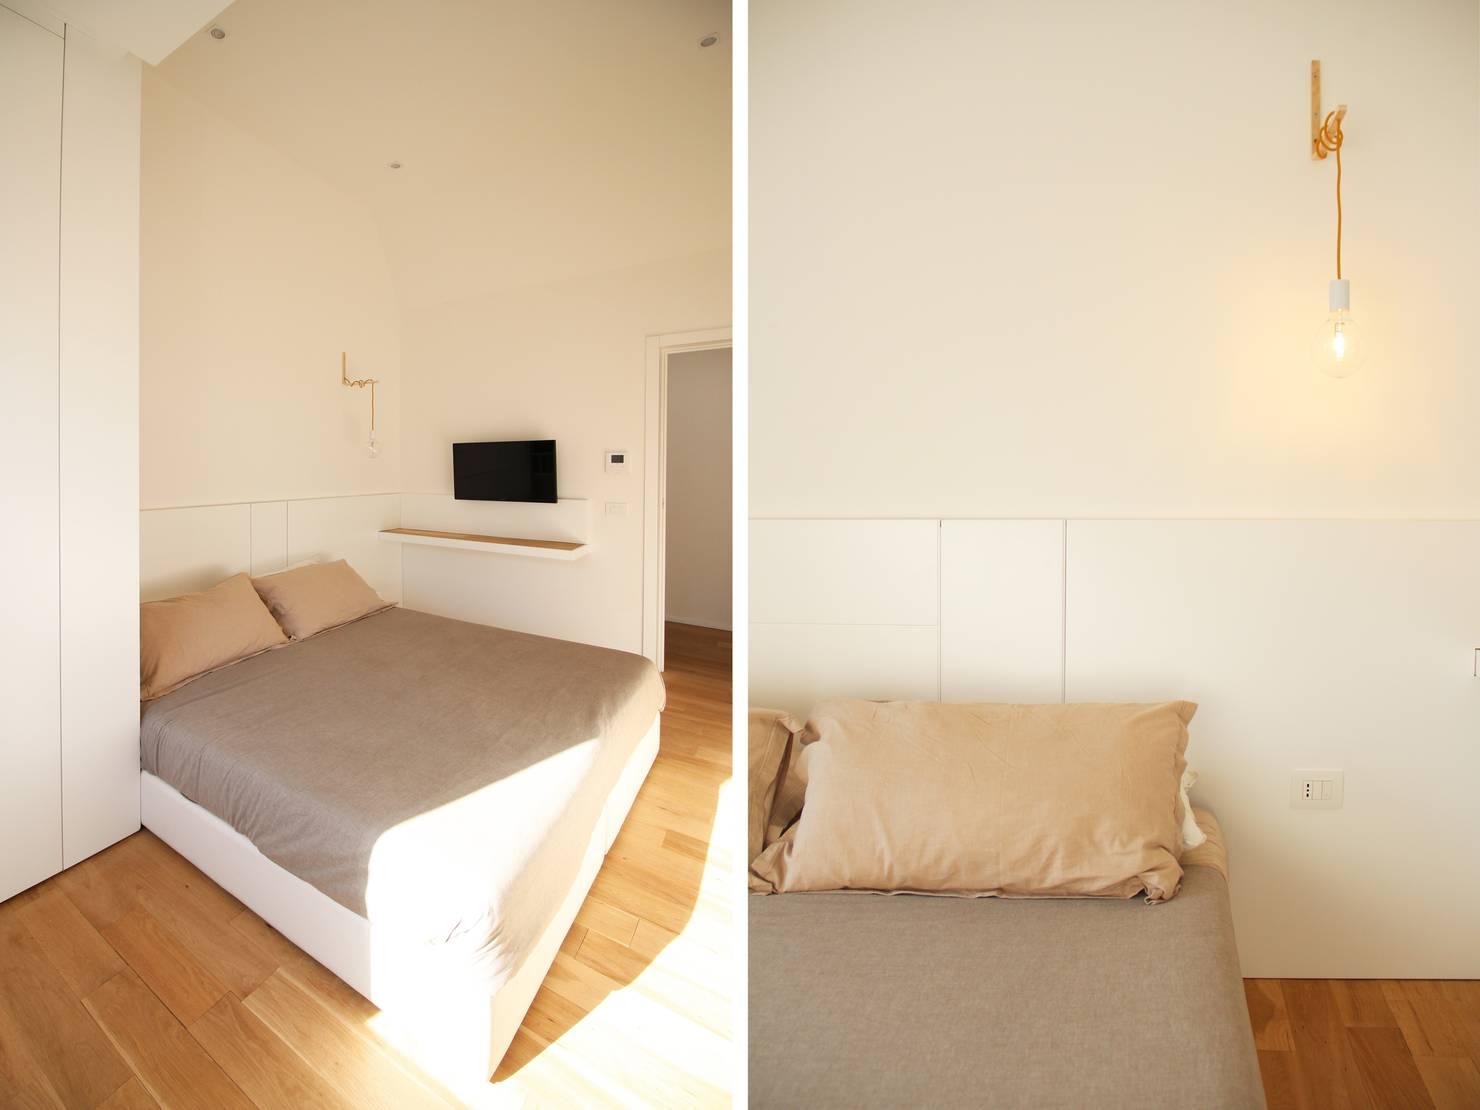 15 Ideias surpreendentes para quartos pequenos